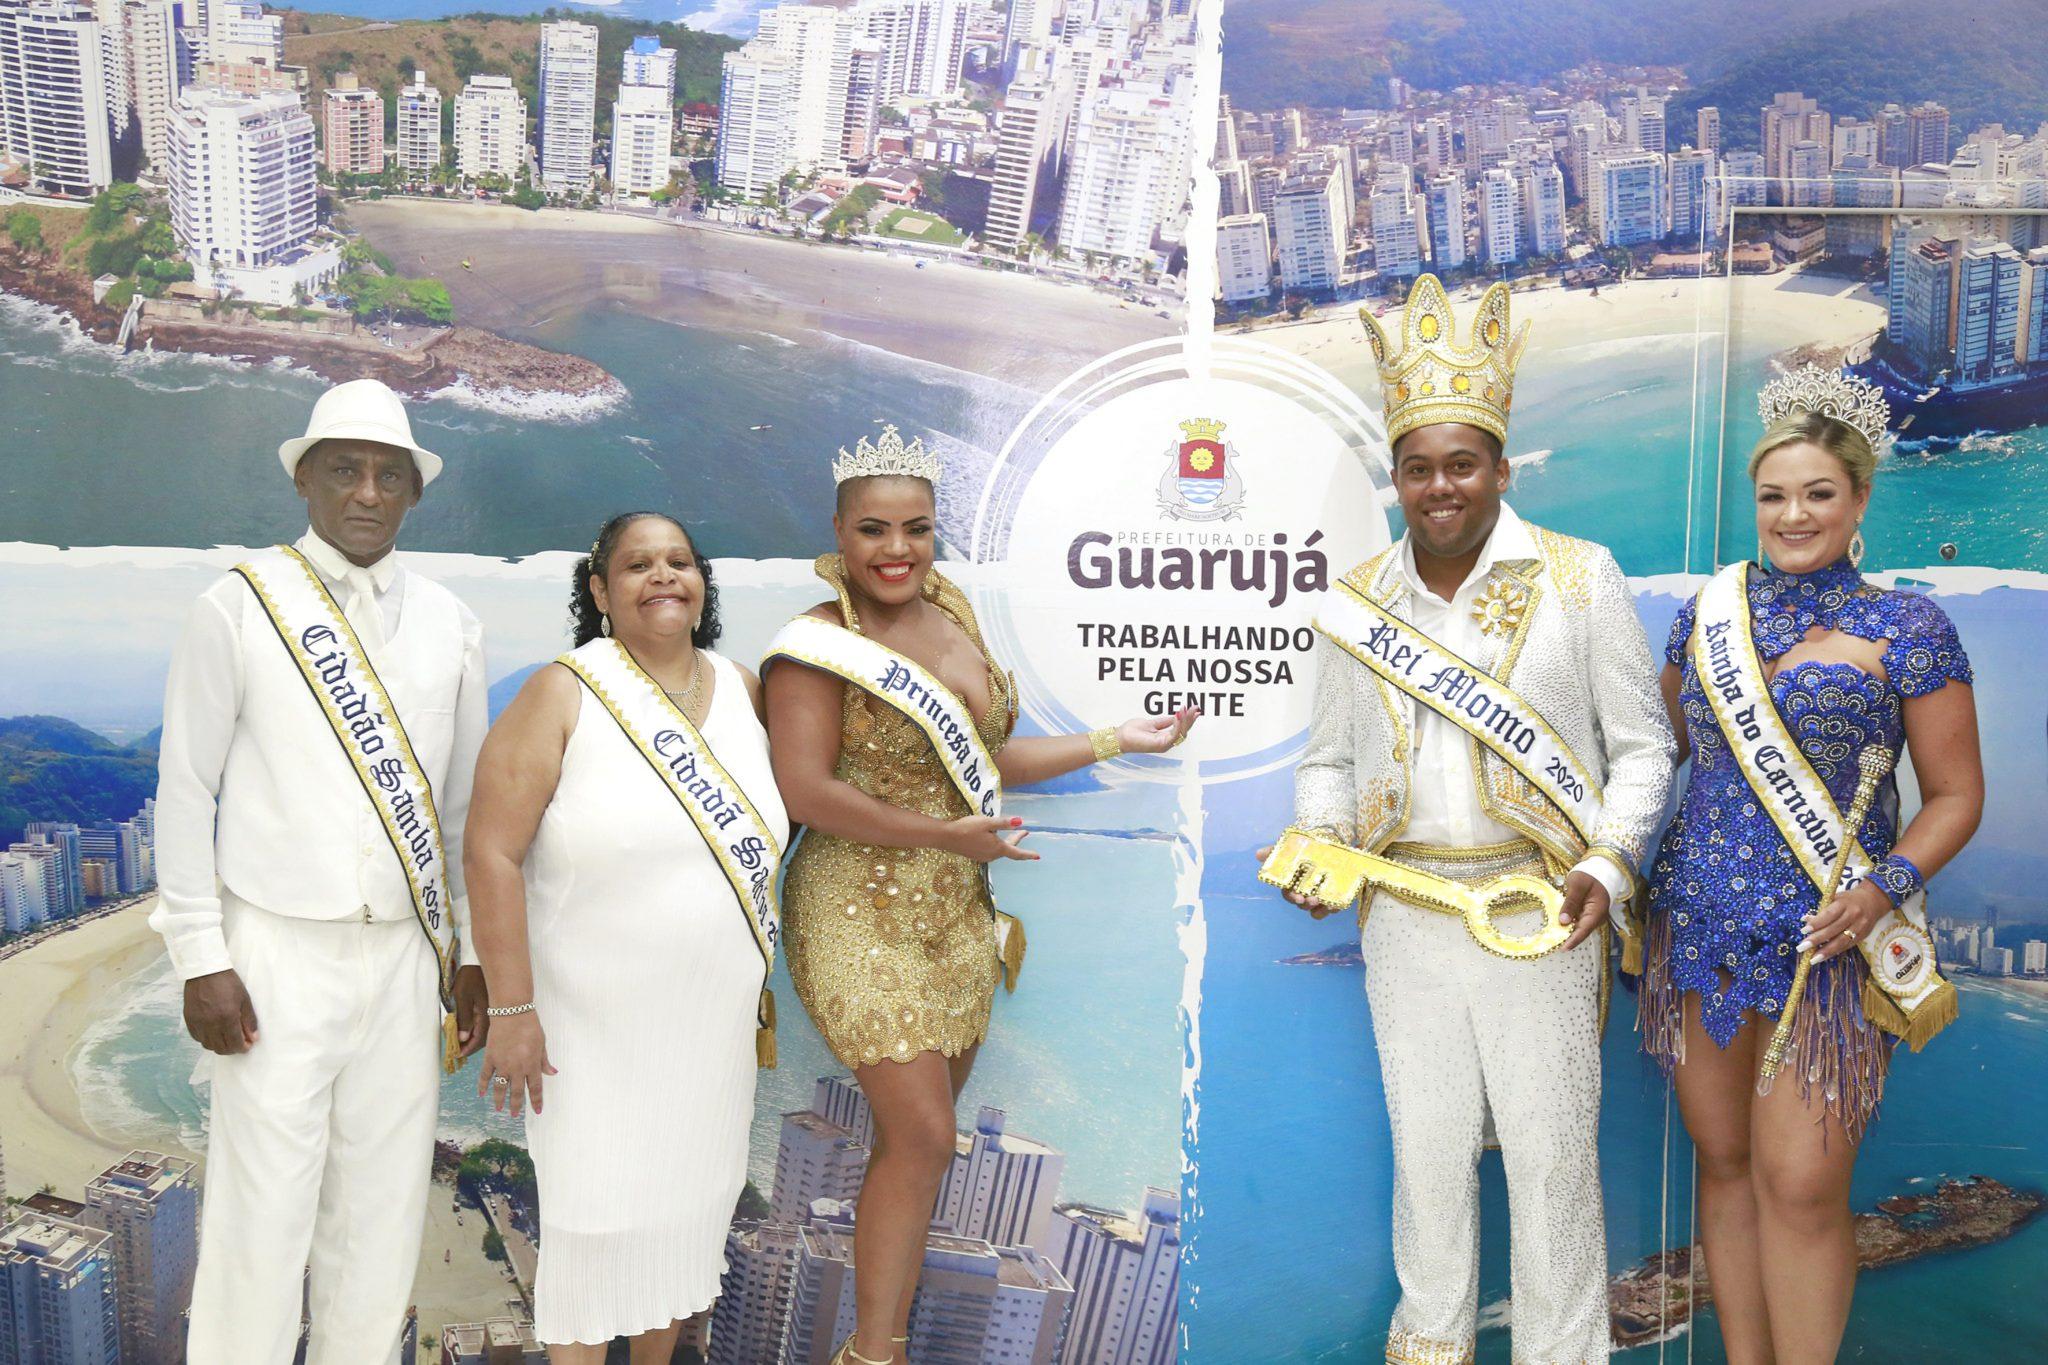 Bandas e desfiles de escolas garantem a folia em Guarujá